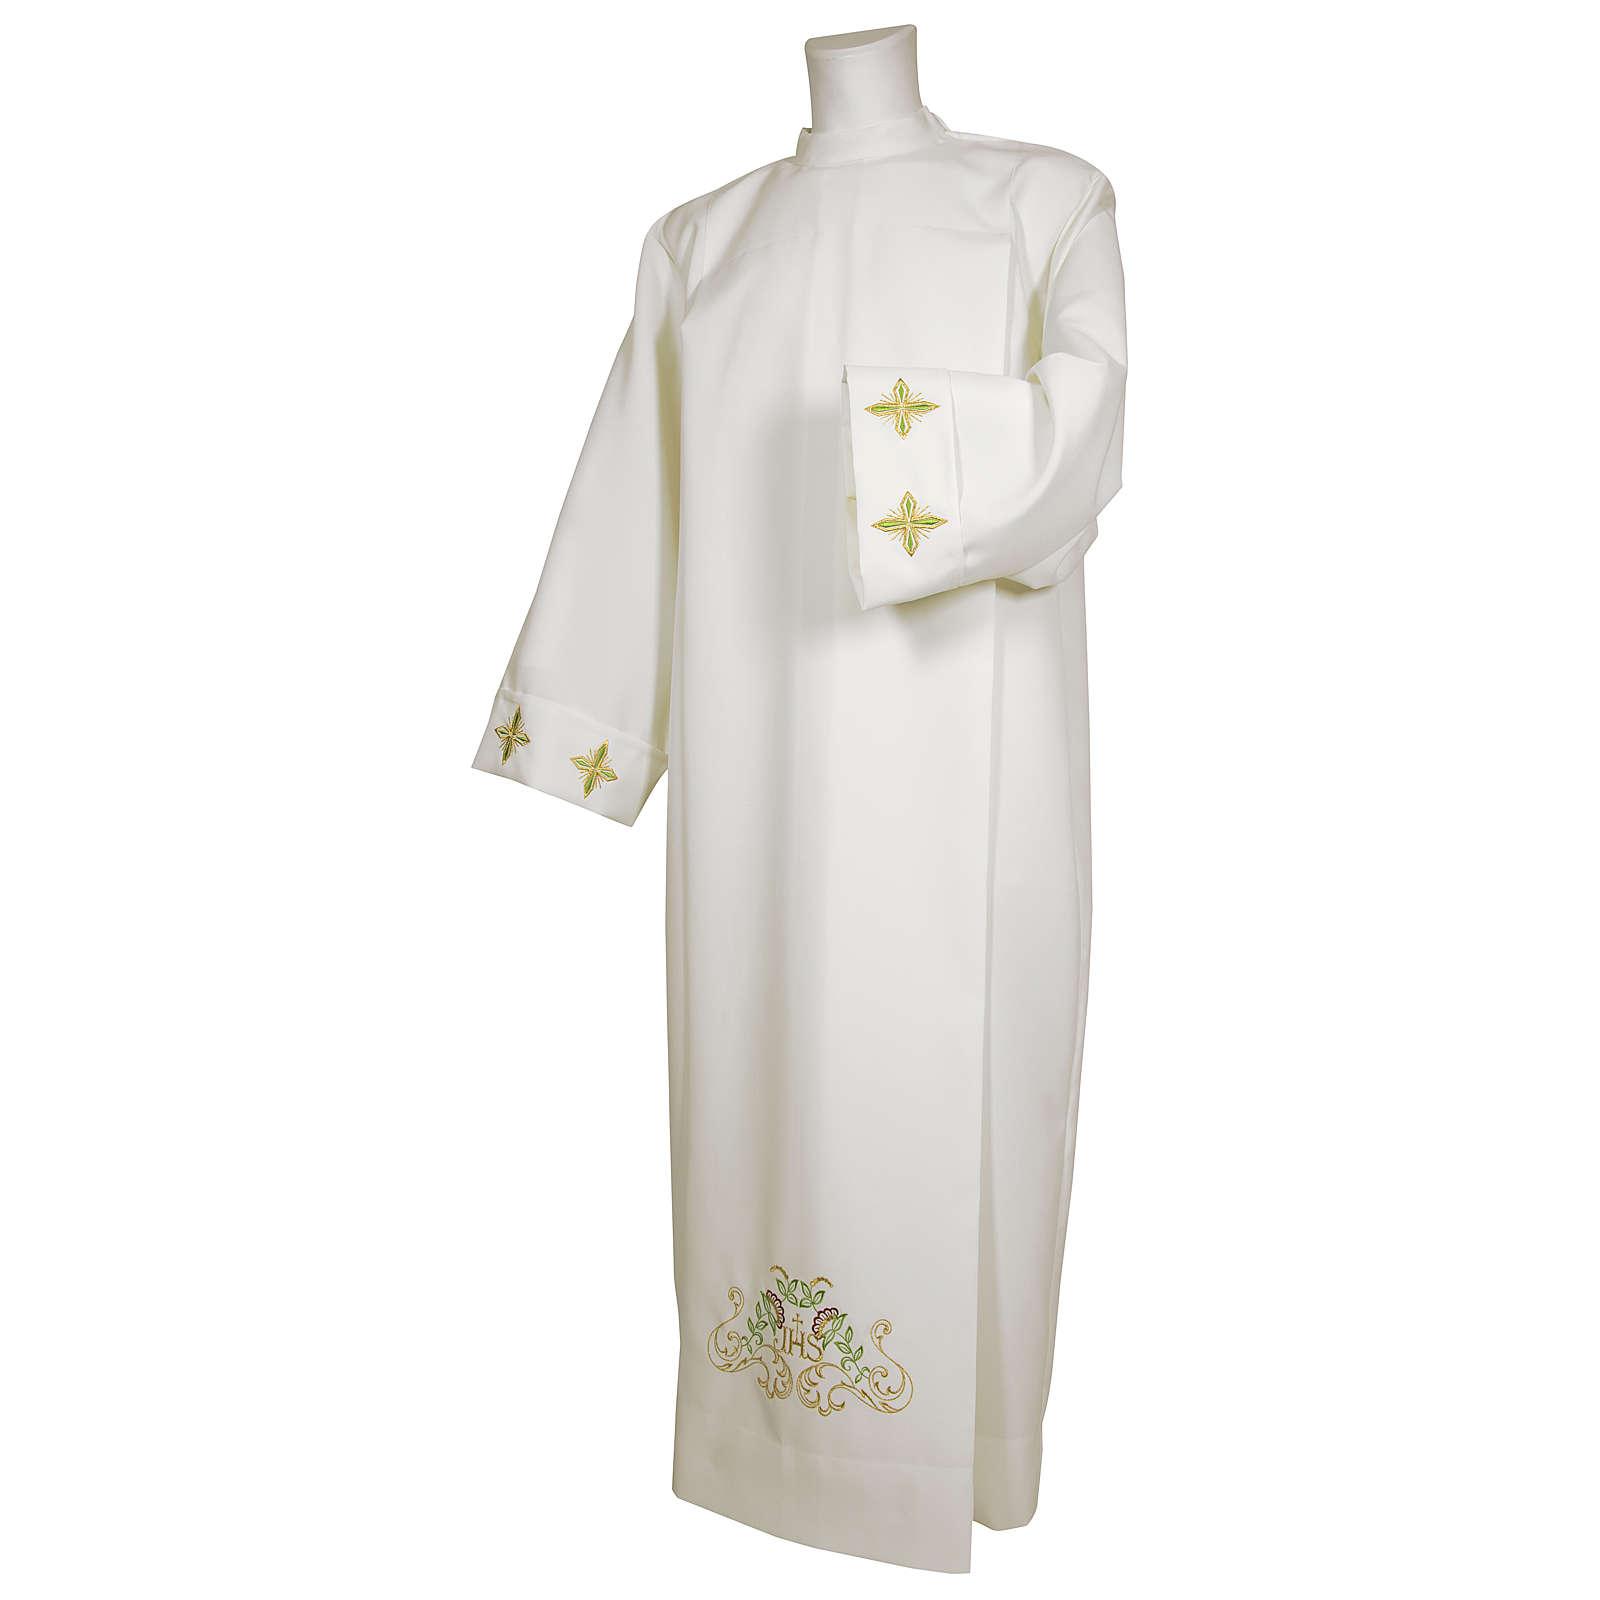 Alba blanca 65% poliéster 35% algodón cruz motivos florales cremallera parte anterior 4